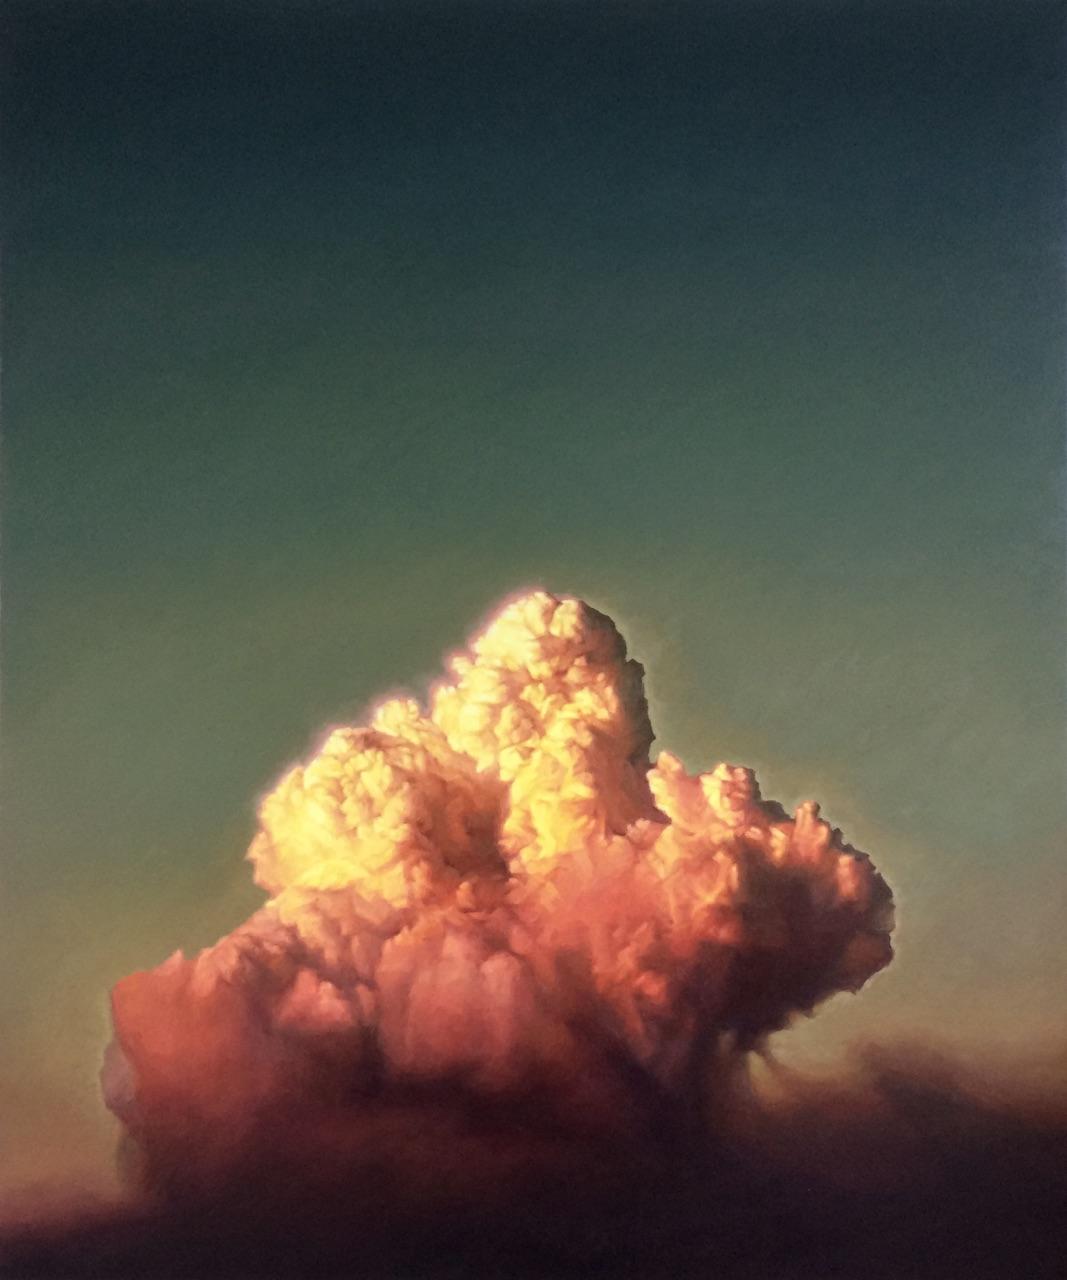 James Bonnici, Cloud at Sunset 3 oil on linen, 61 x 51 cm, available